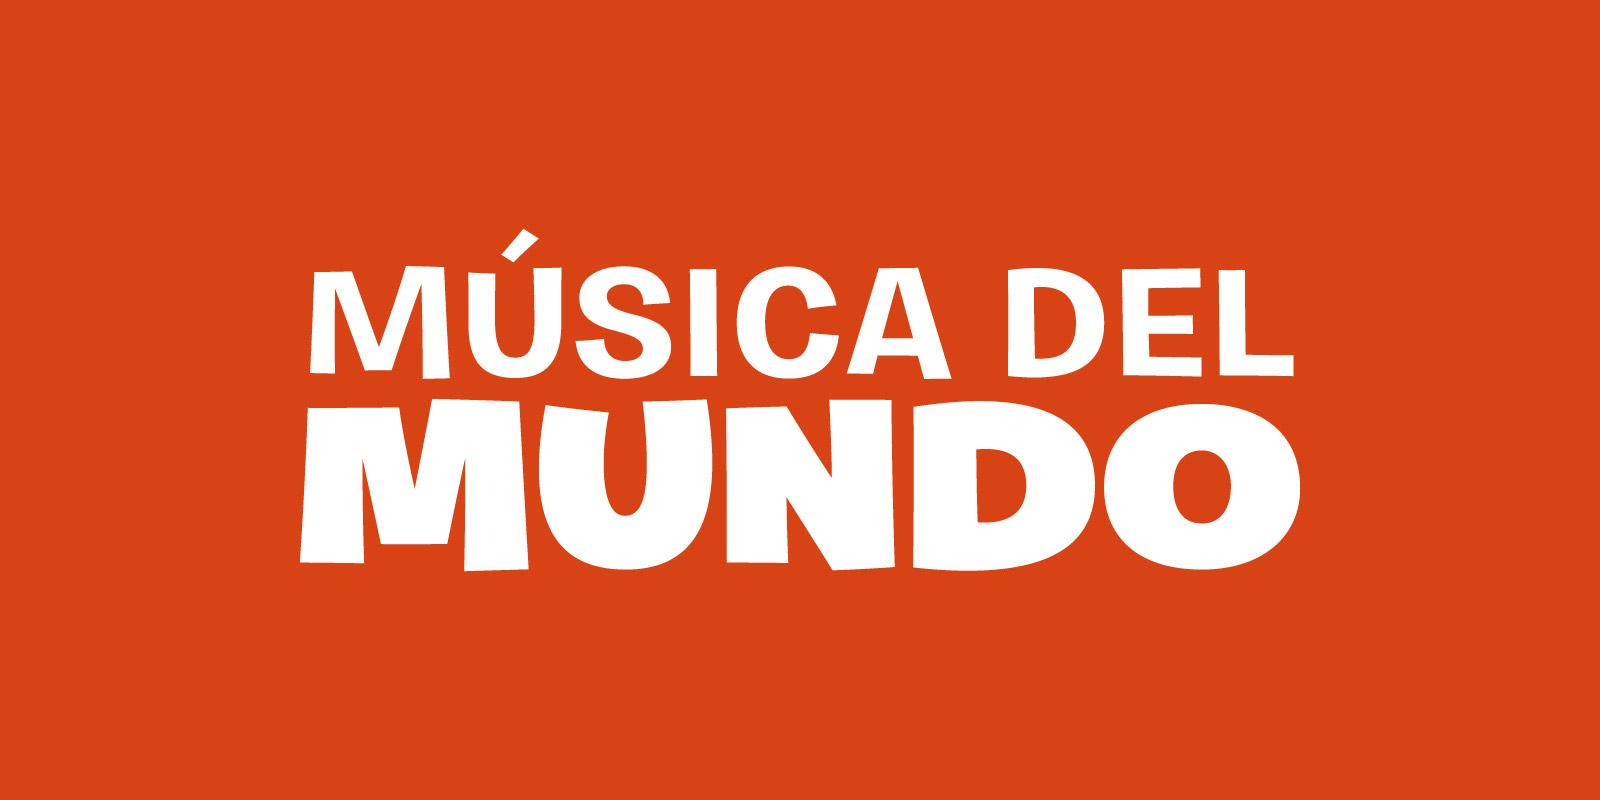 Musica del mundo